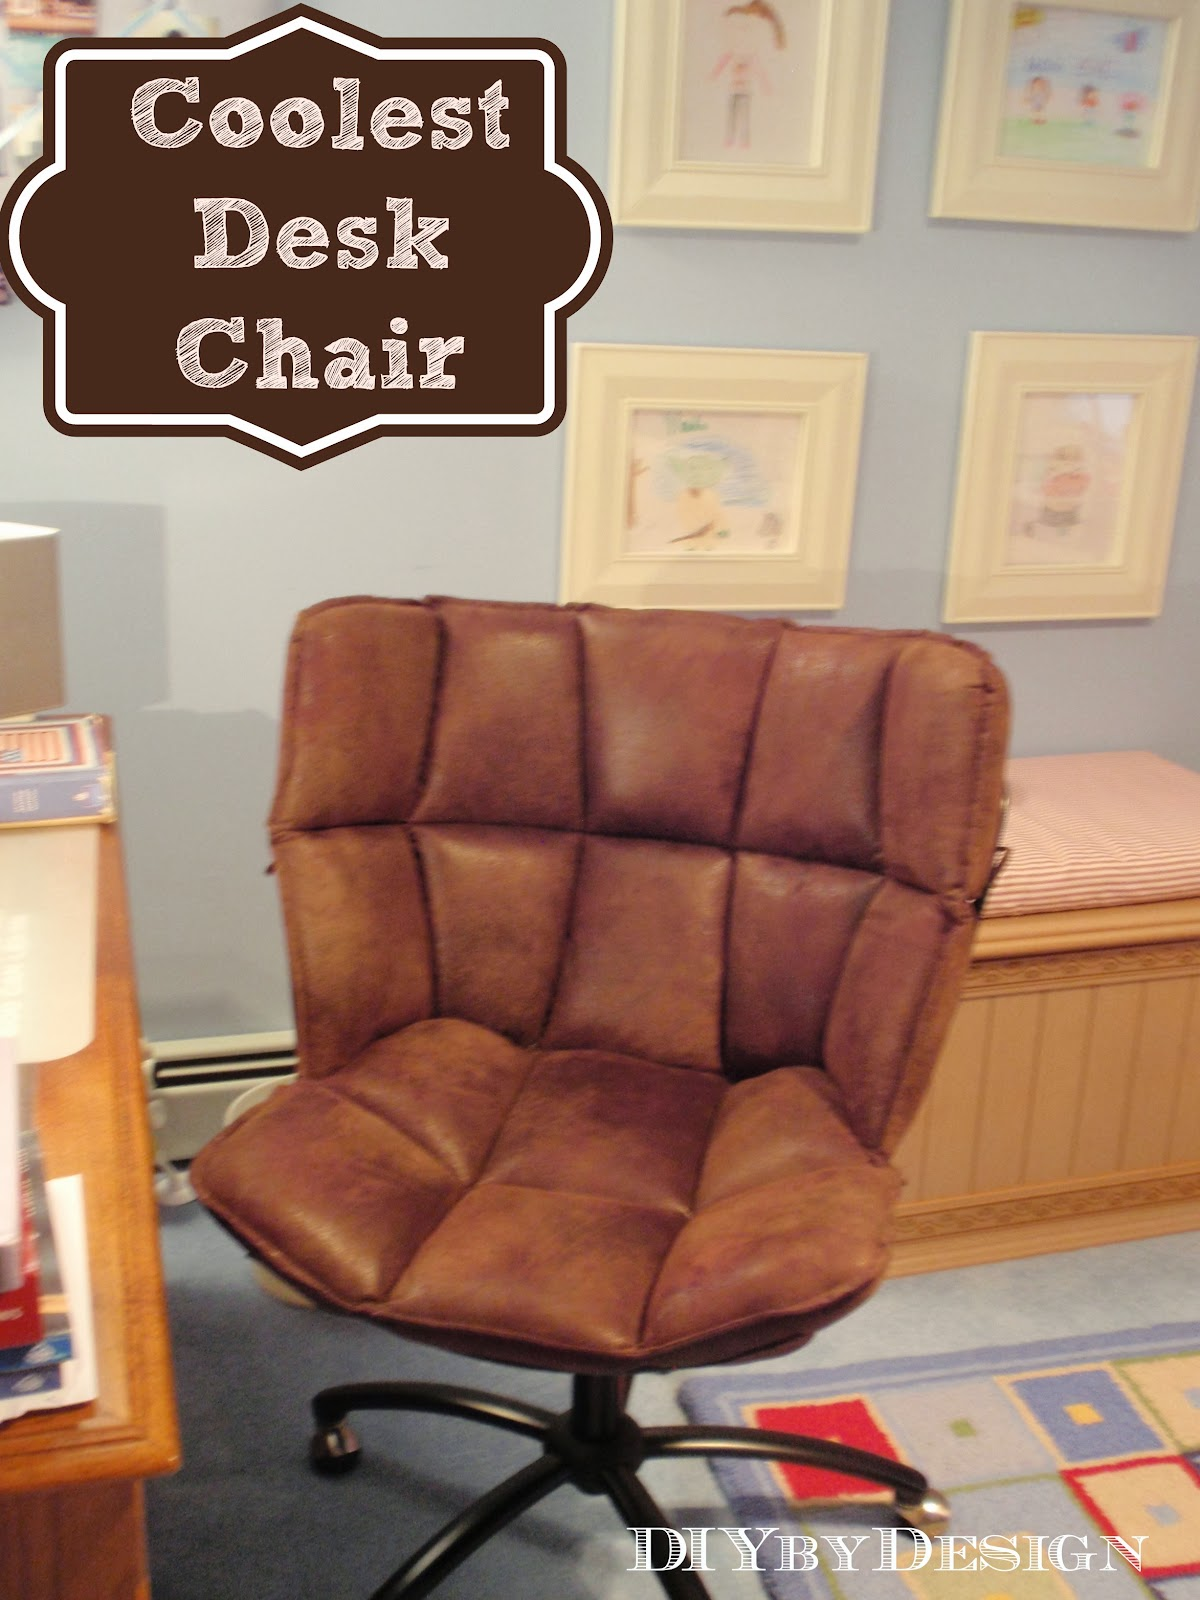 Coolest Desk diydesign: coolest desk chair ever!